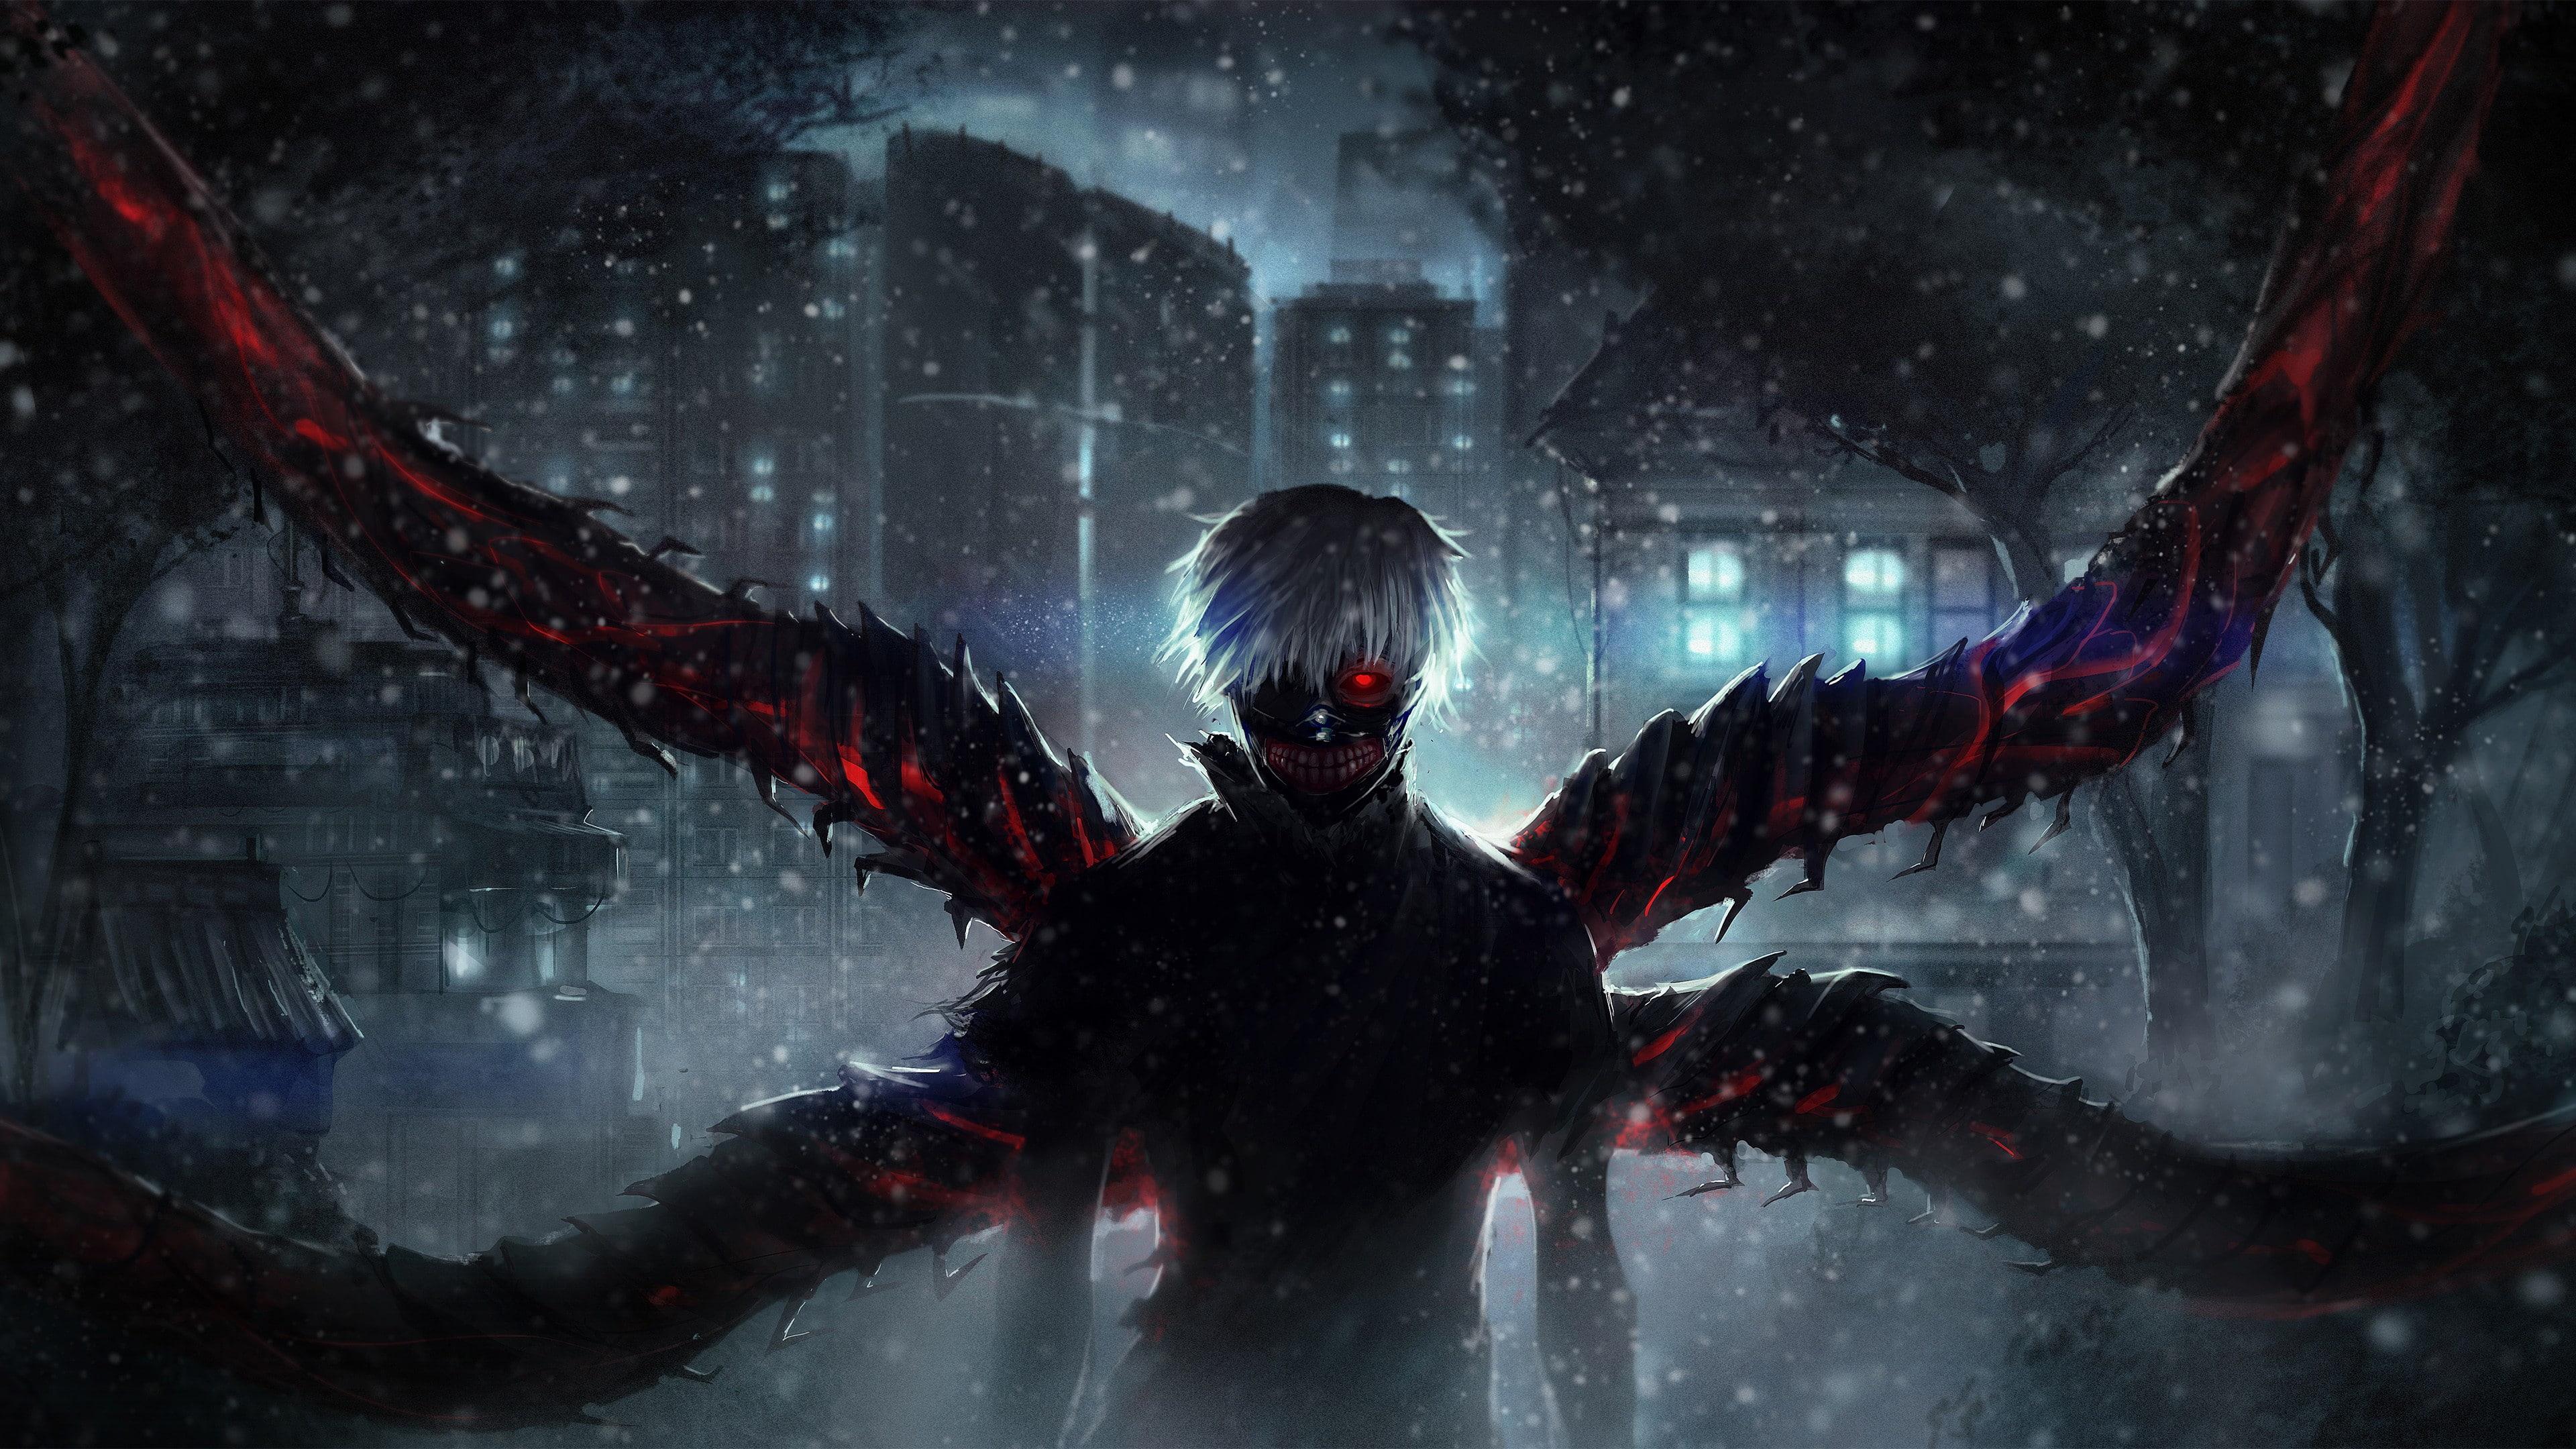 Ken Kaneki Wings Wallpaper in 3840x2160 Resolution